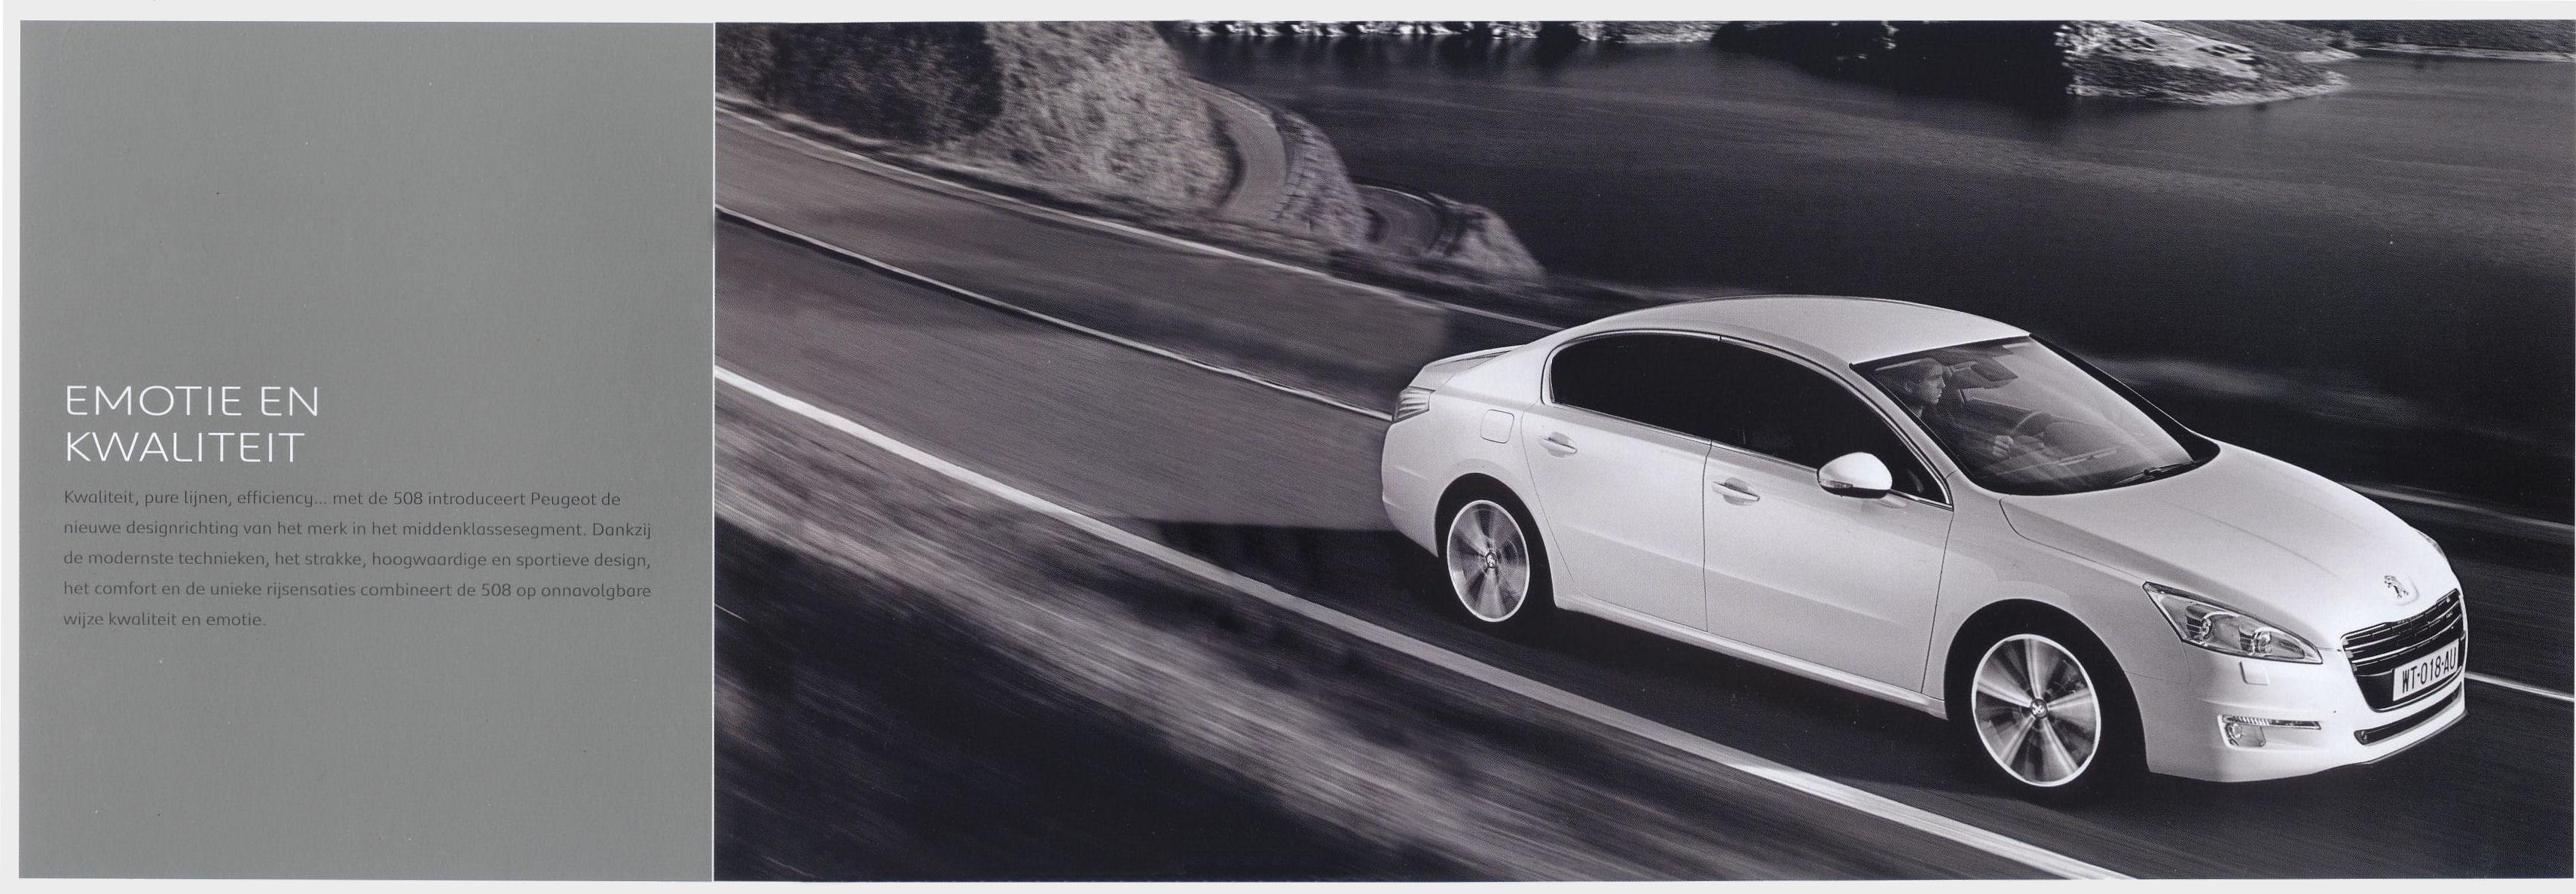 2010 Peugeot 508 brochure Car